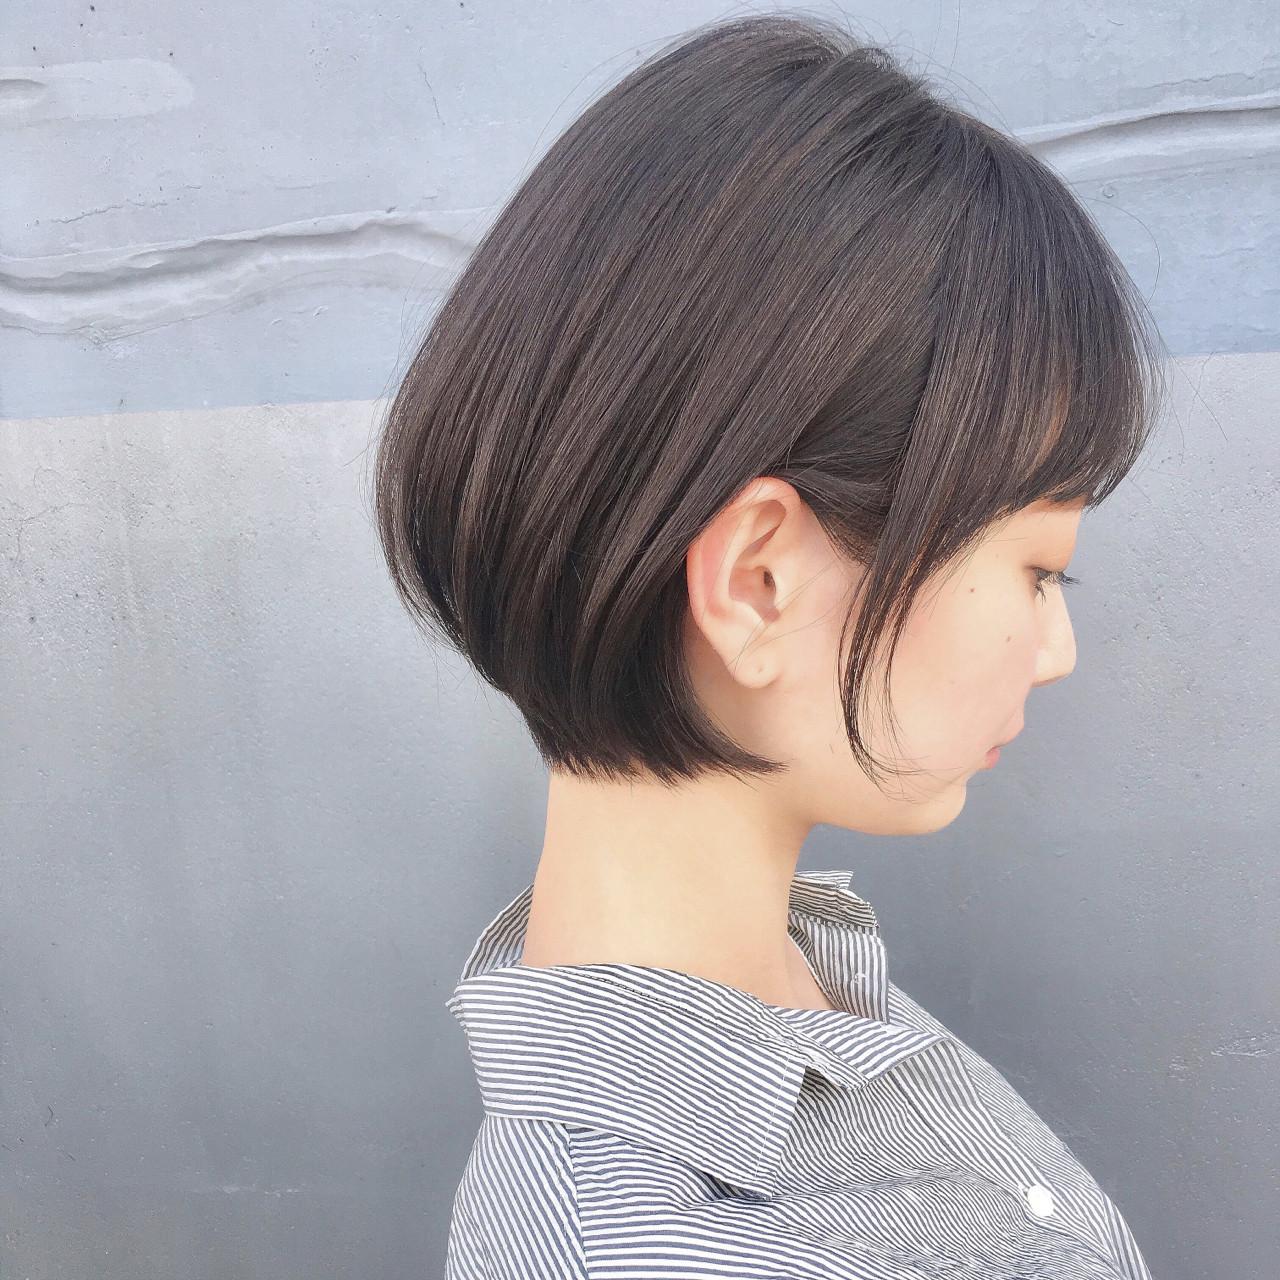 ウェーブ ゆるふわ 大人かわいい リラックス ヘアスタイルや髪型の写真・画像   ショートボブの匠【 山内大成 】『i.hair』 / 『 i. 』 omotesando